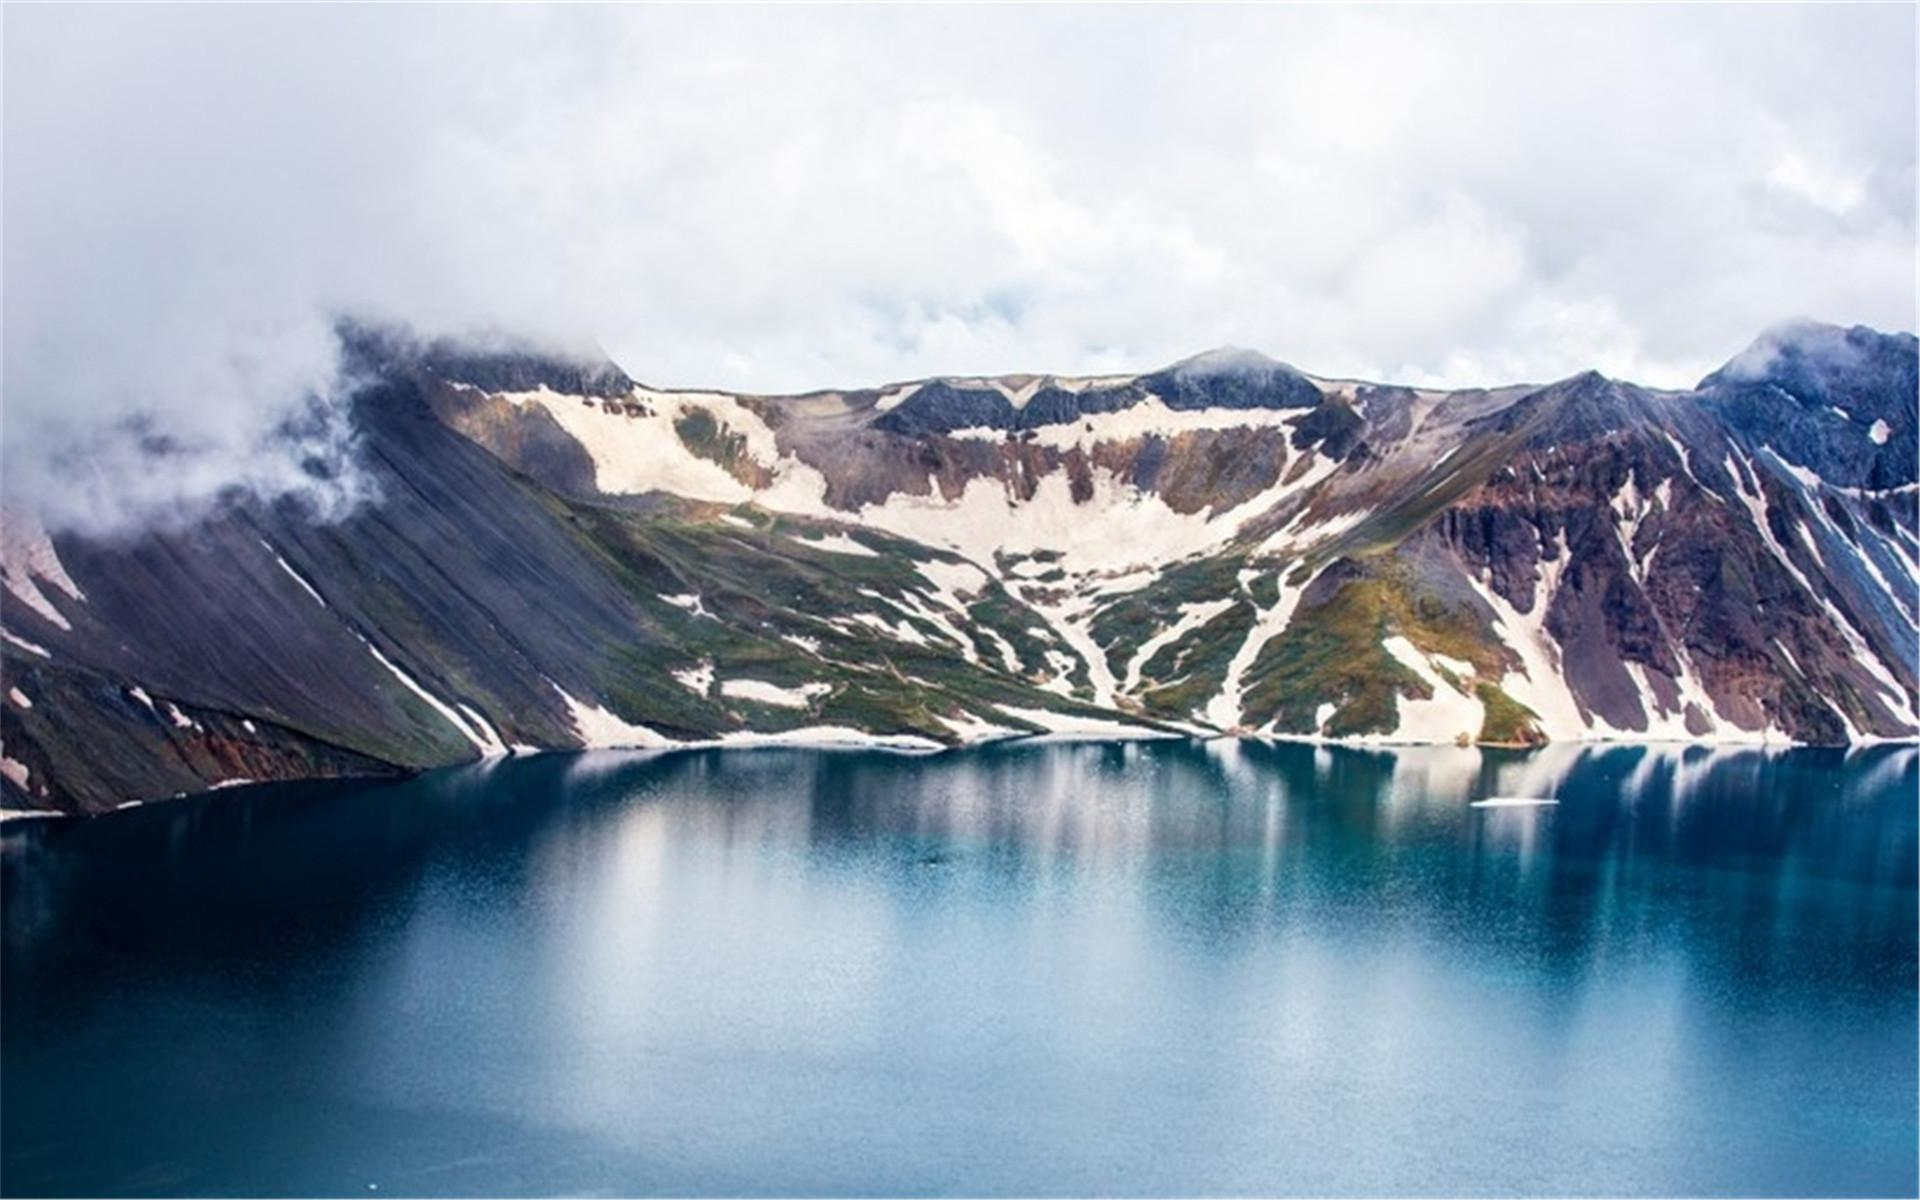 护眼自然山水风景高清图片壁纸